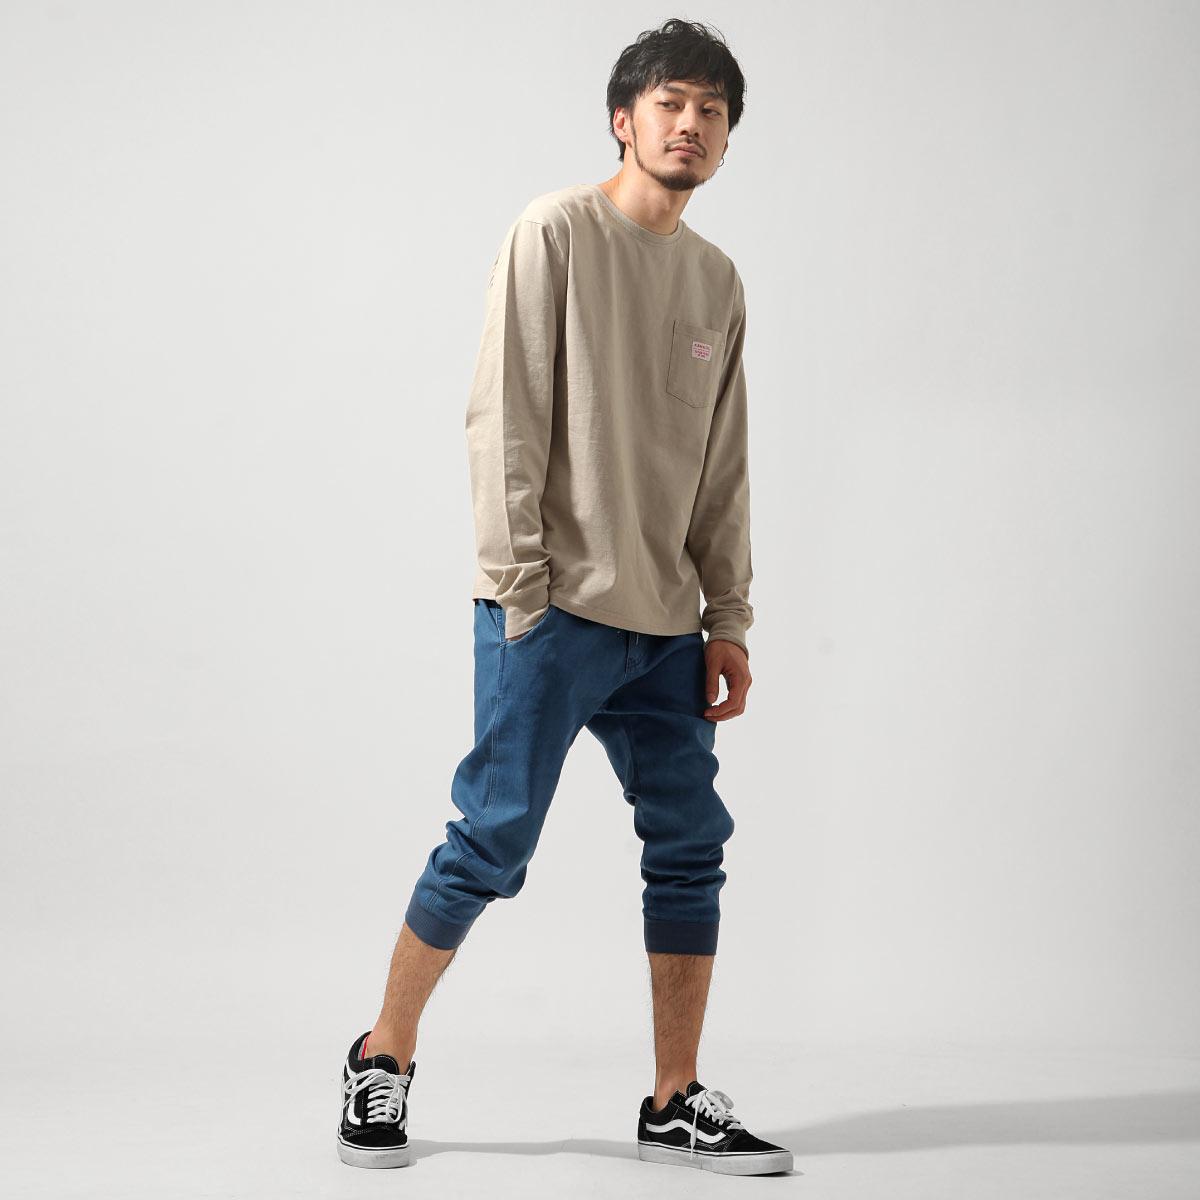 【New】KANGOL 七分縮口褲 3